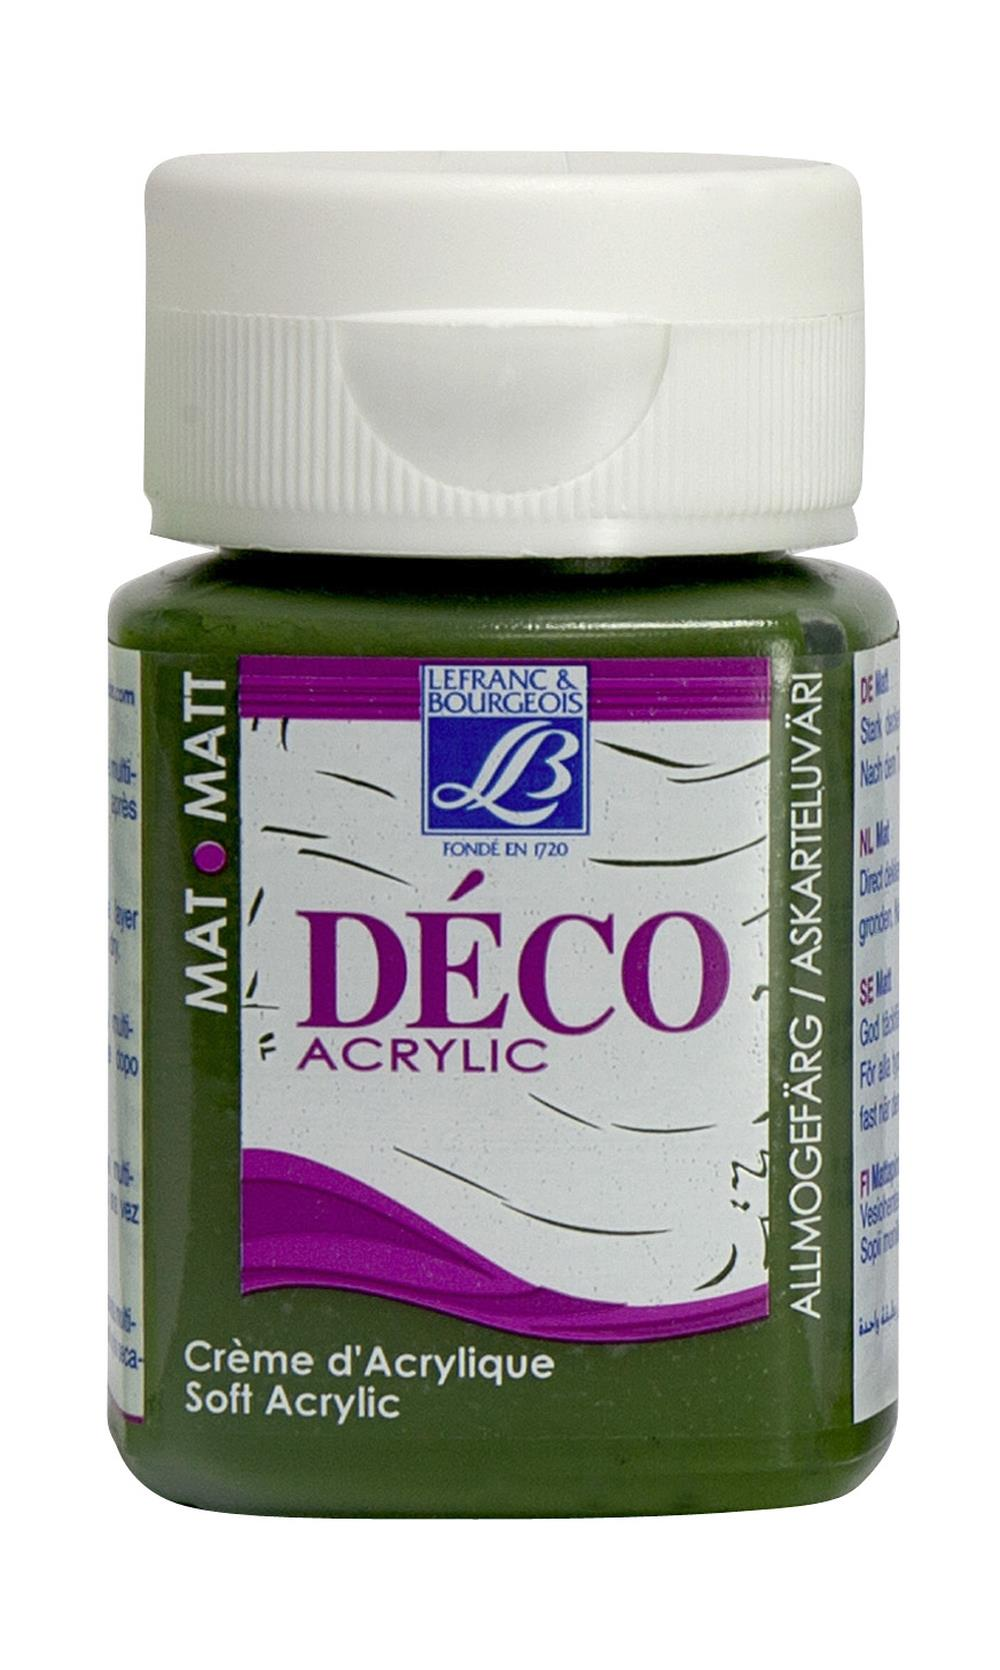 Hobbyfärg L&B Deco Matt Akryl 50ml Moss green warm 540 (4F) Utgår